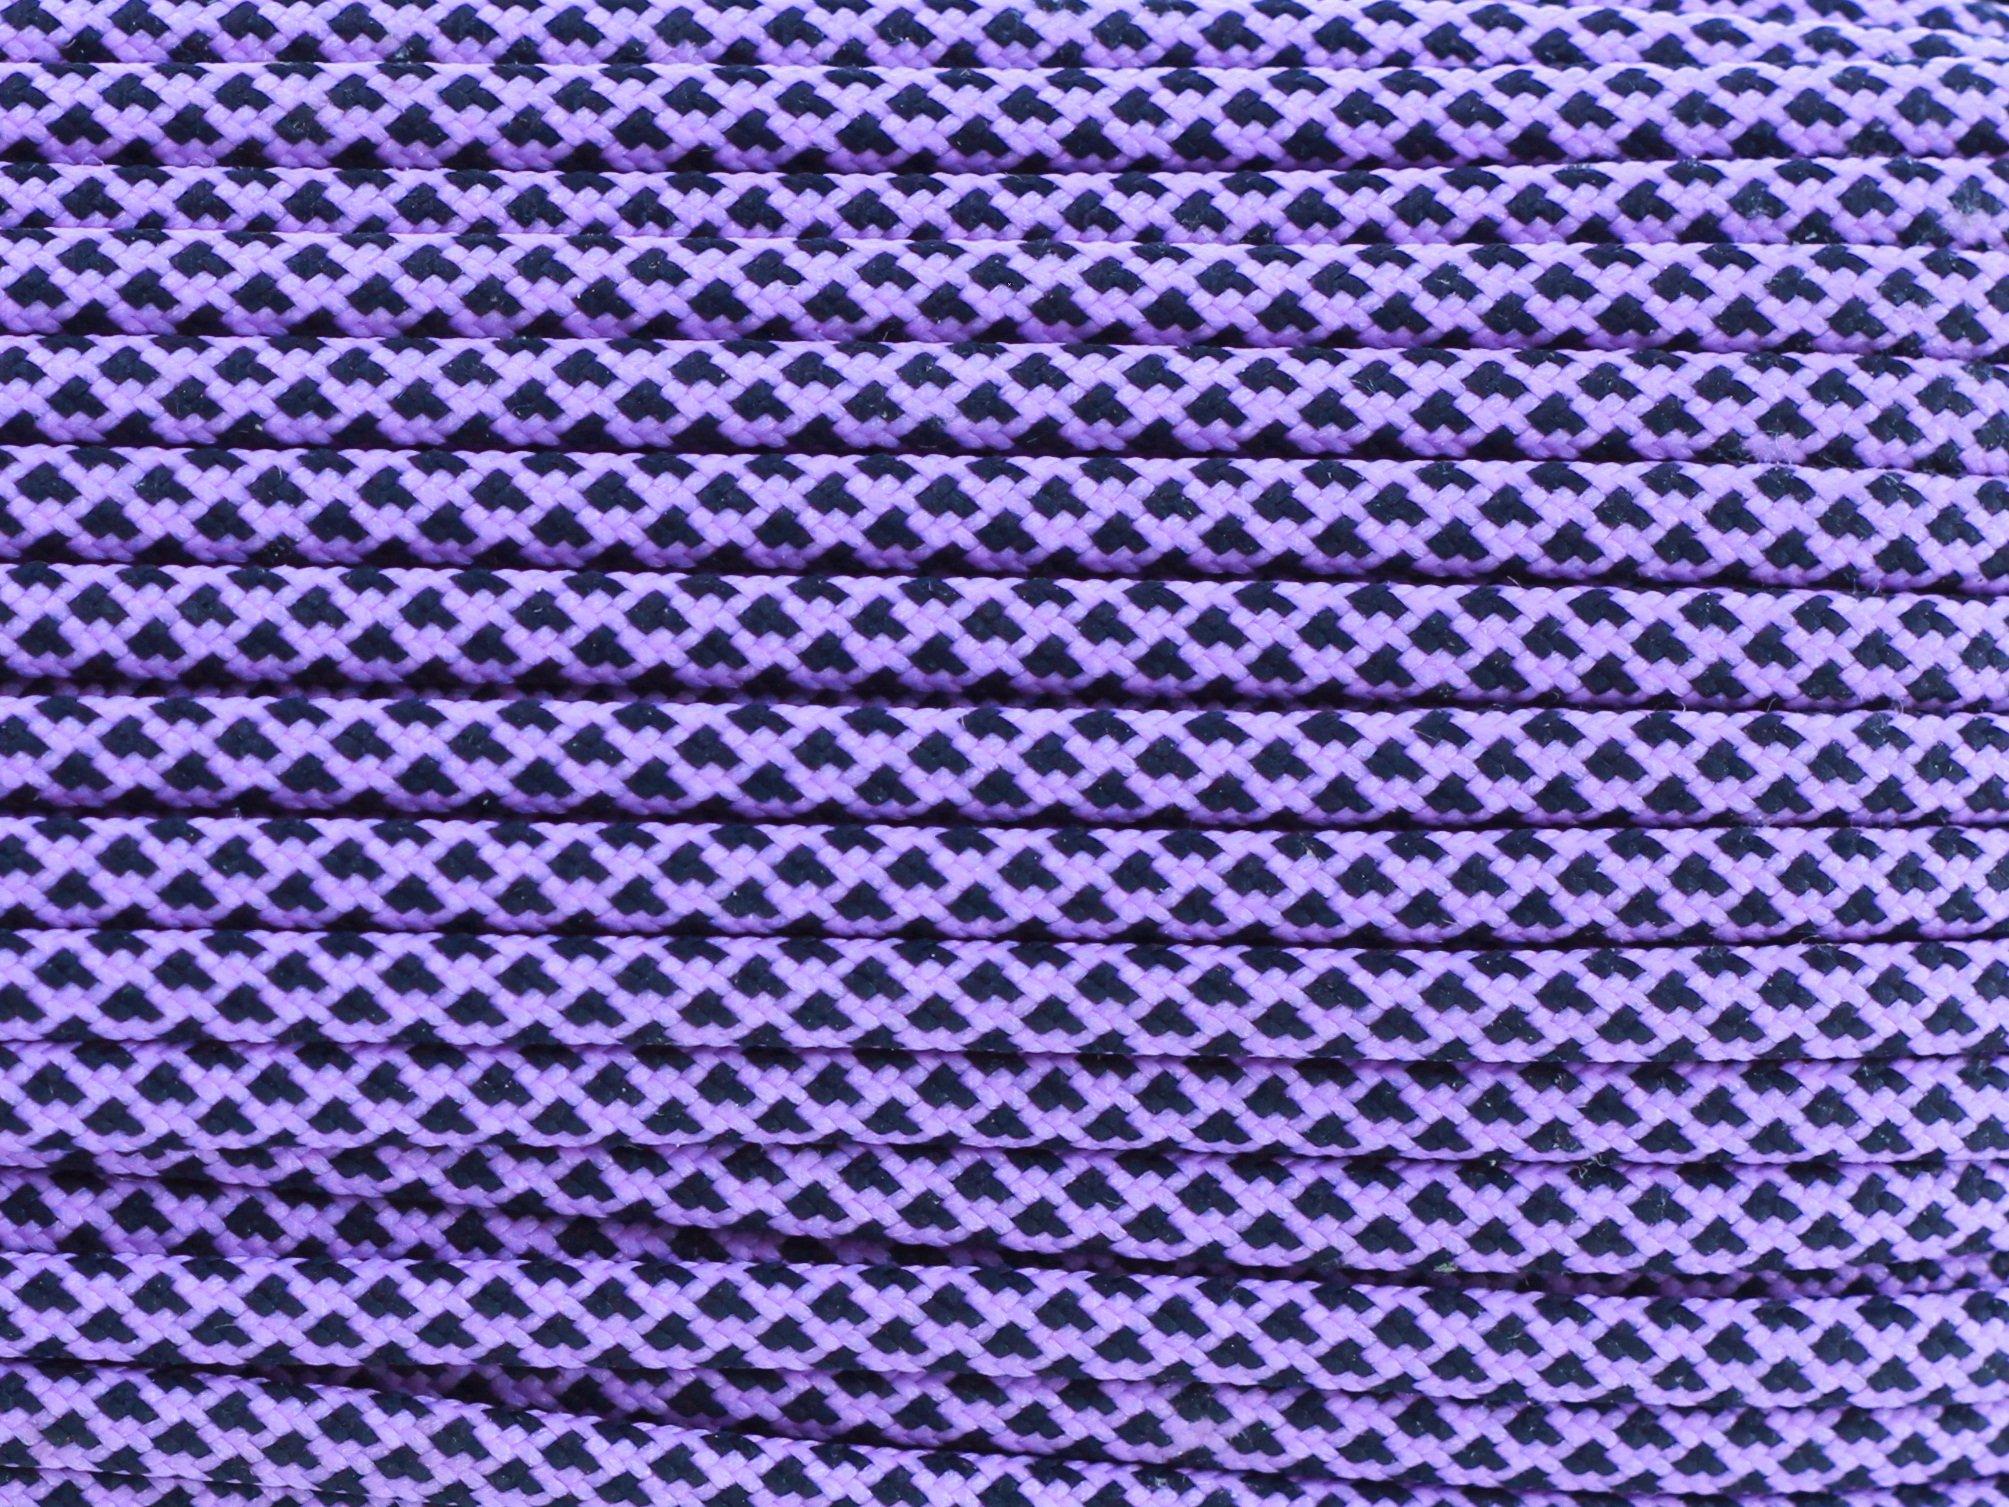 Paracord 550 linka - bright purple diamonds